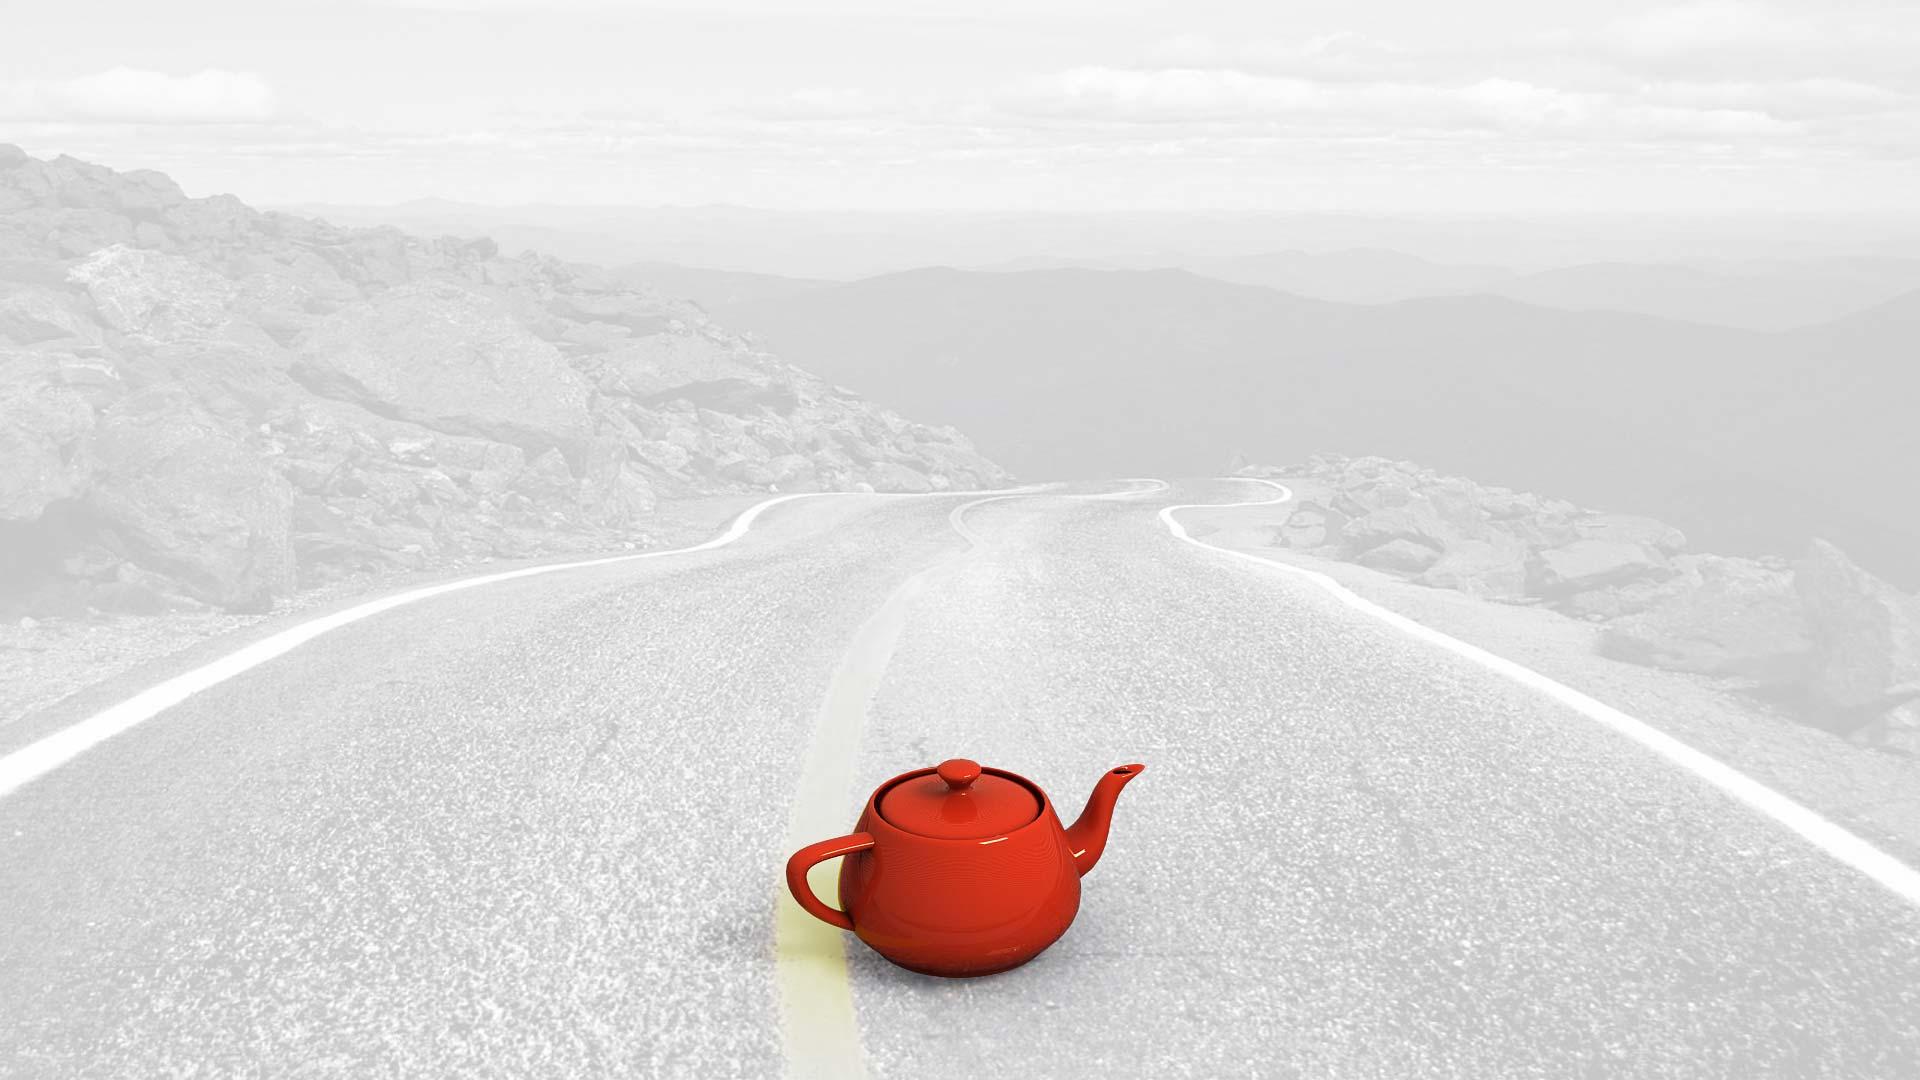 работа с чайником независимо от фона